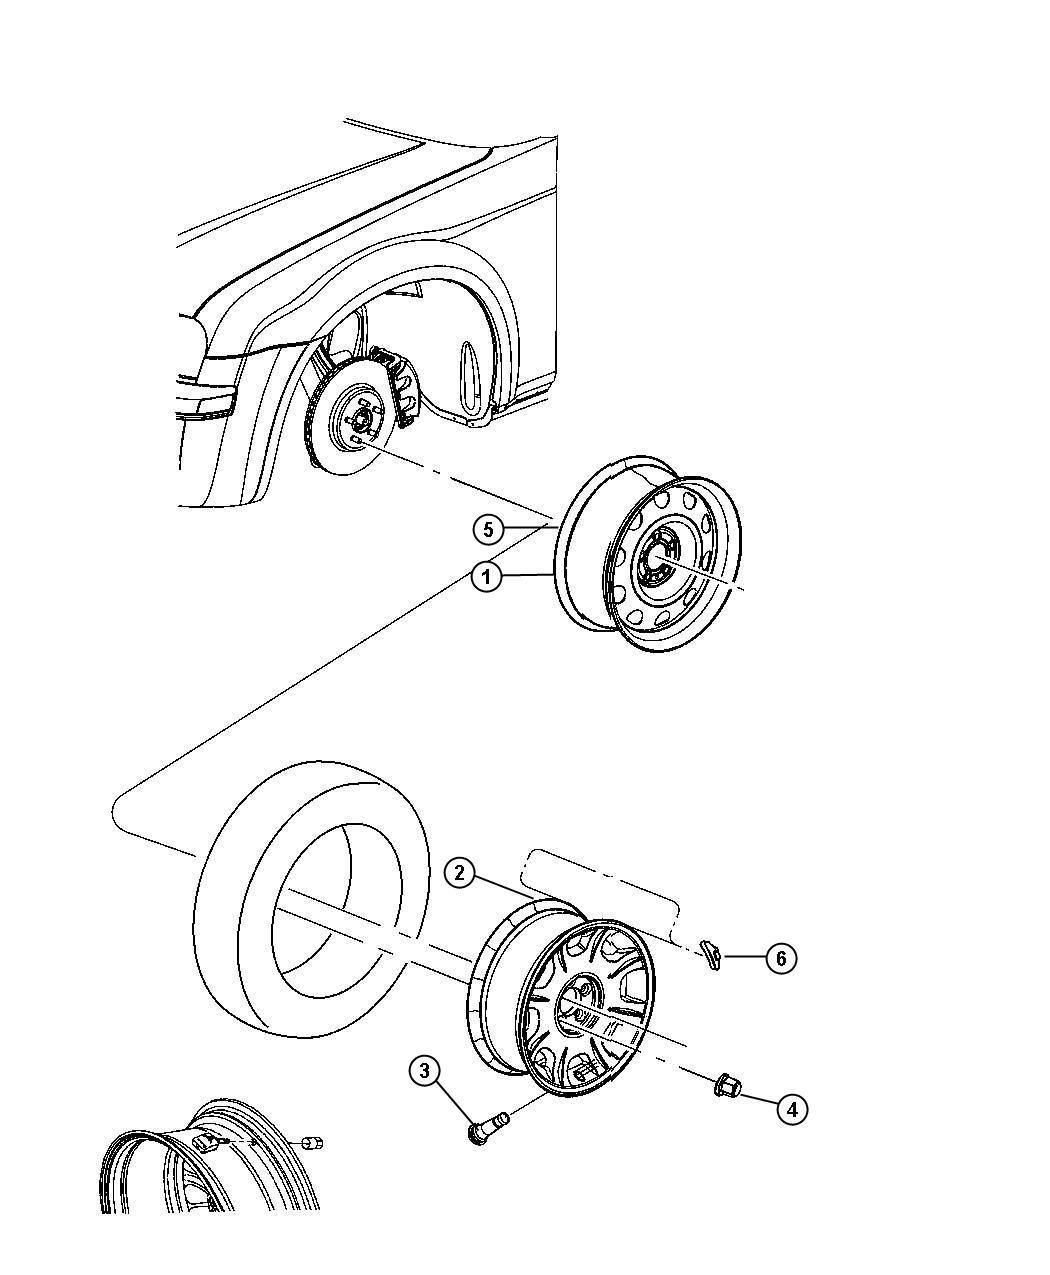 Dodge Magnum Wheel Aluminum 20x9 0 Aluminum Srt Design